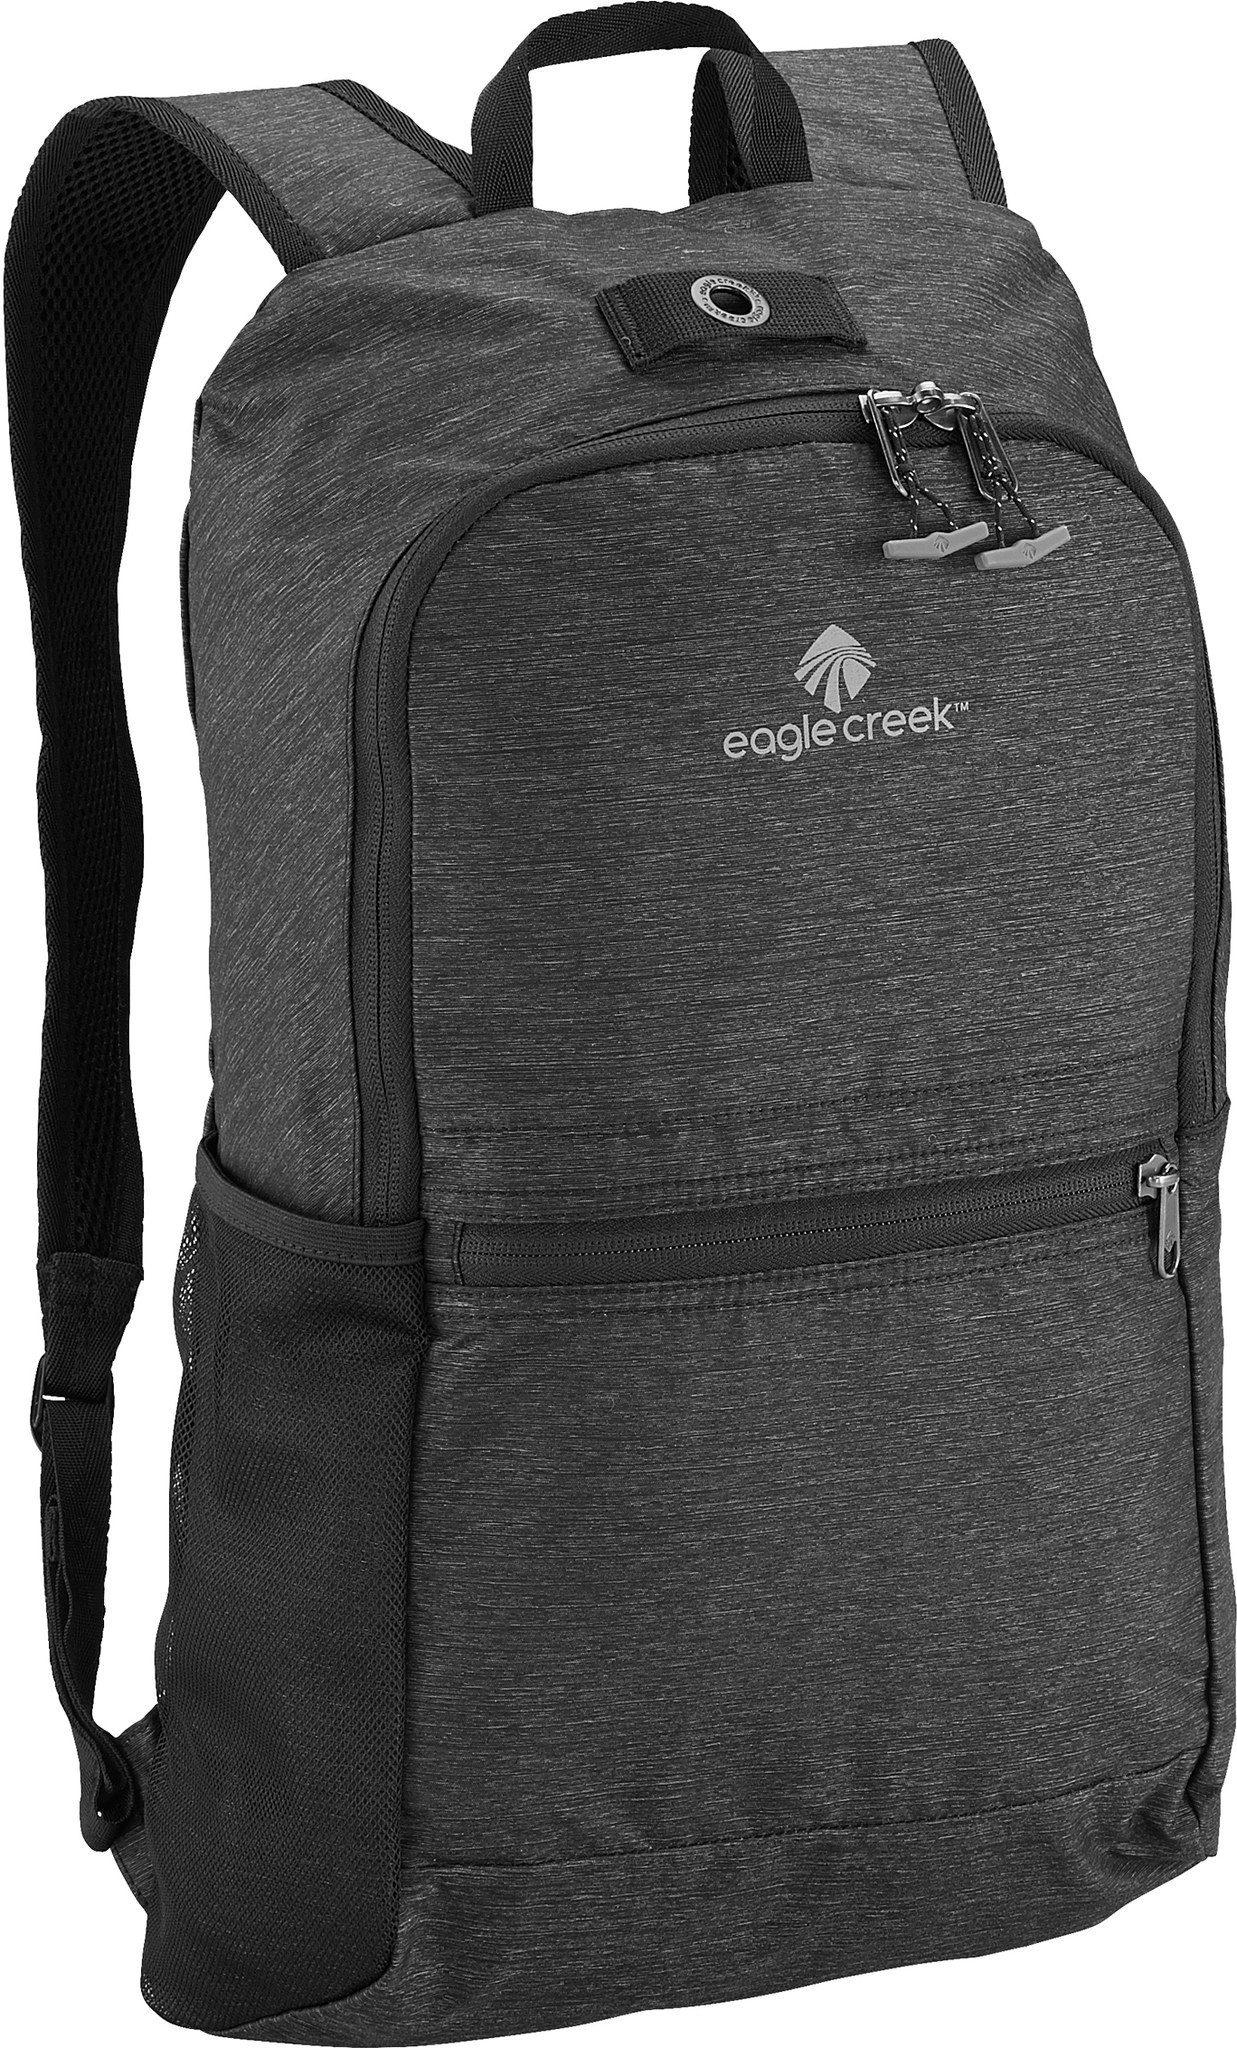 Eagle Creek Wanderrucksack »Packable Daypack«